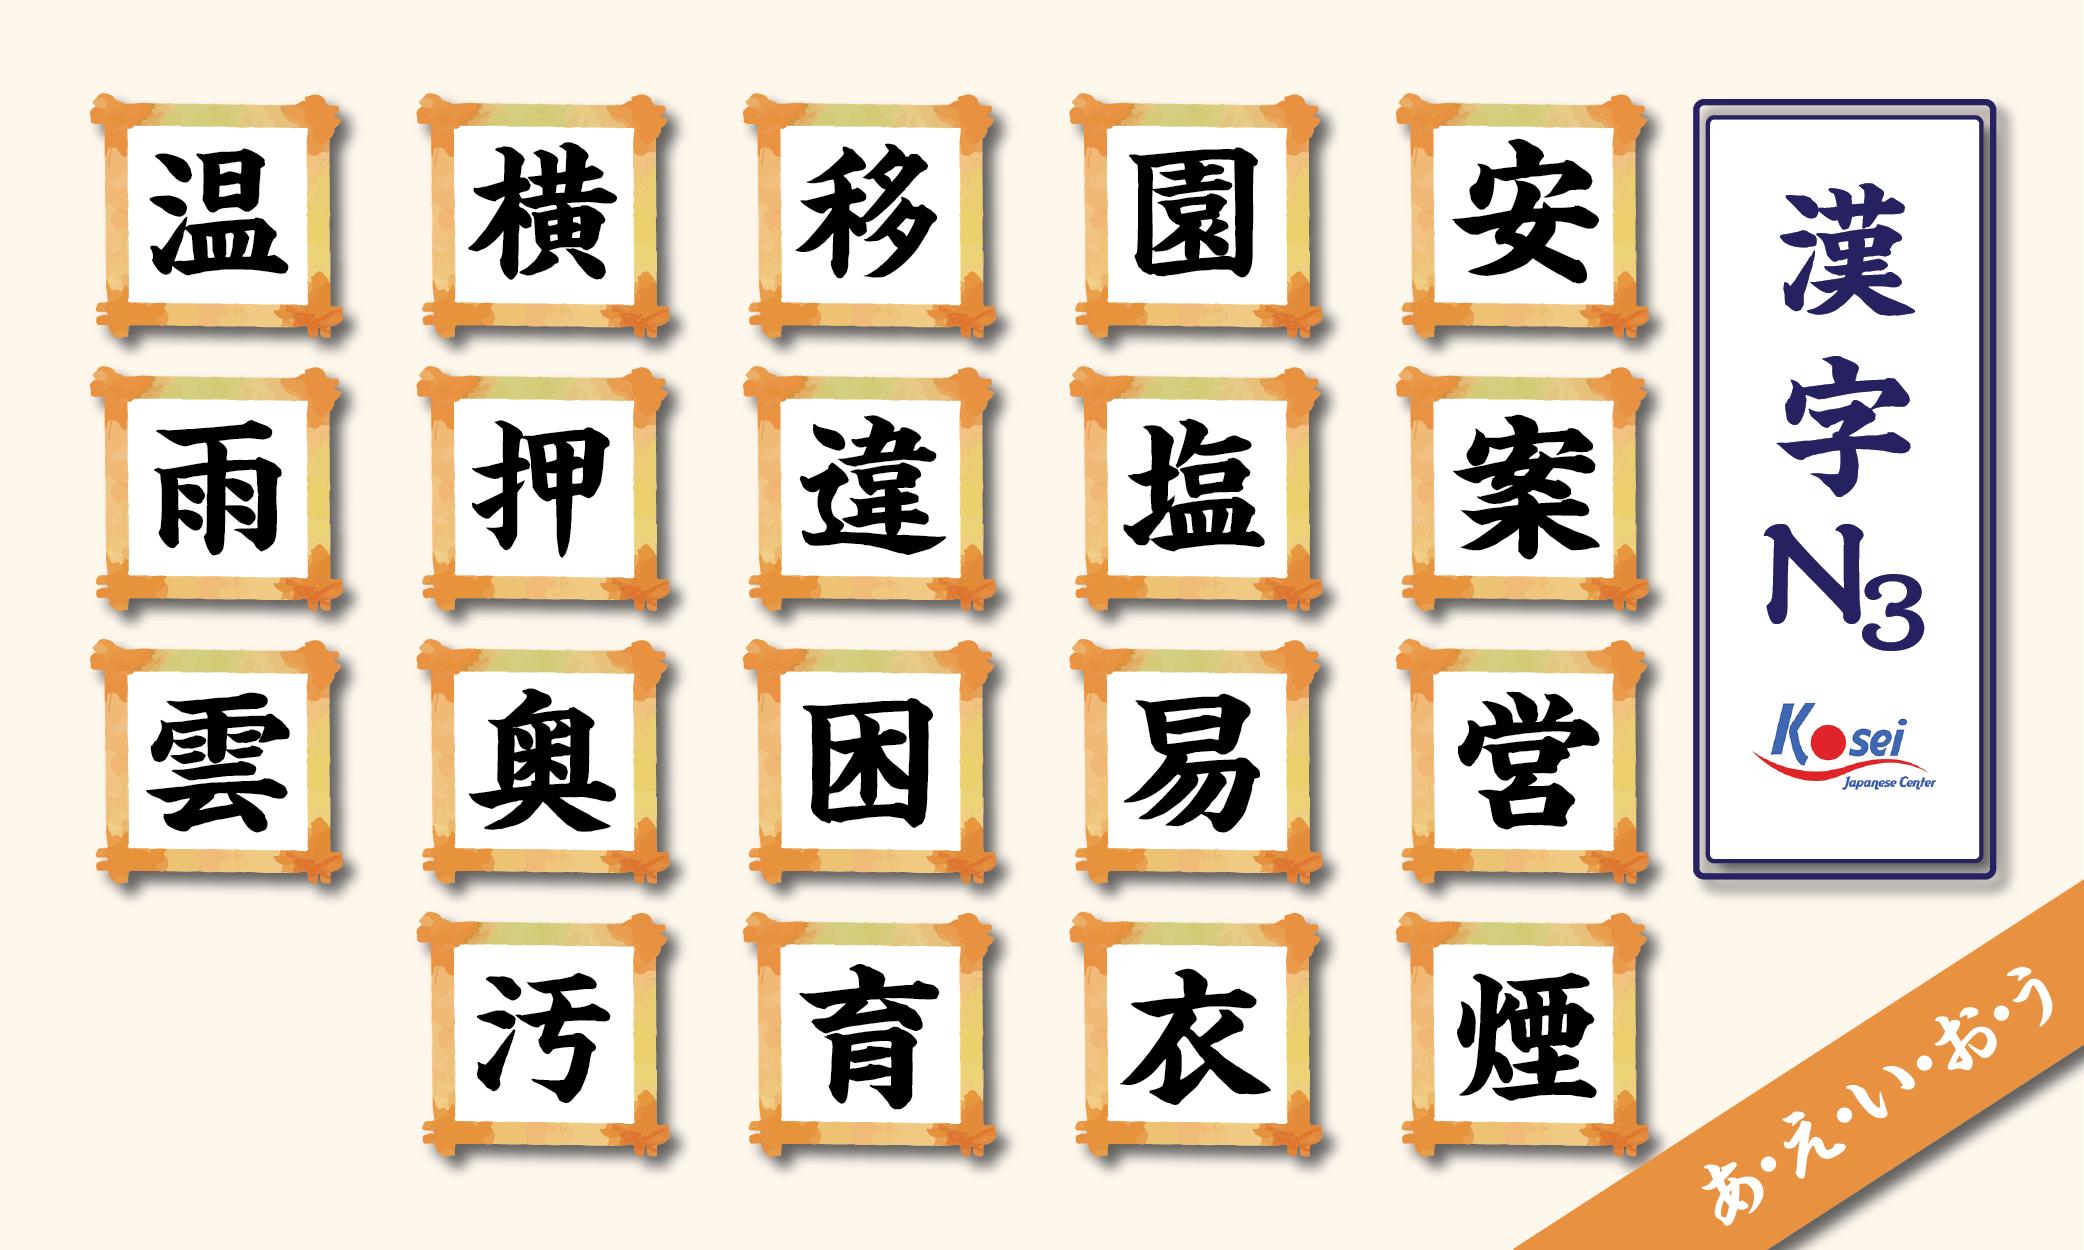 Tổng hợp Kanji N3 theo âm on: a- e- i- o- u-